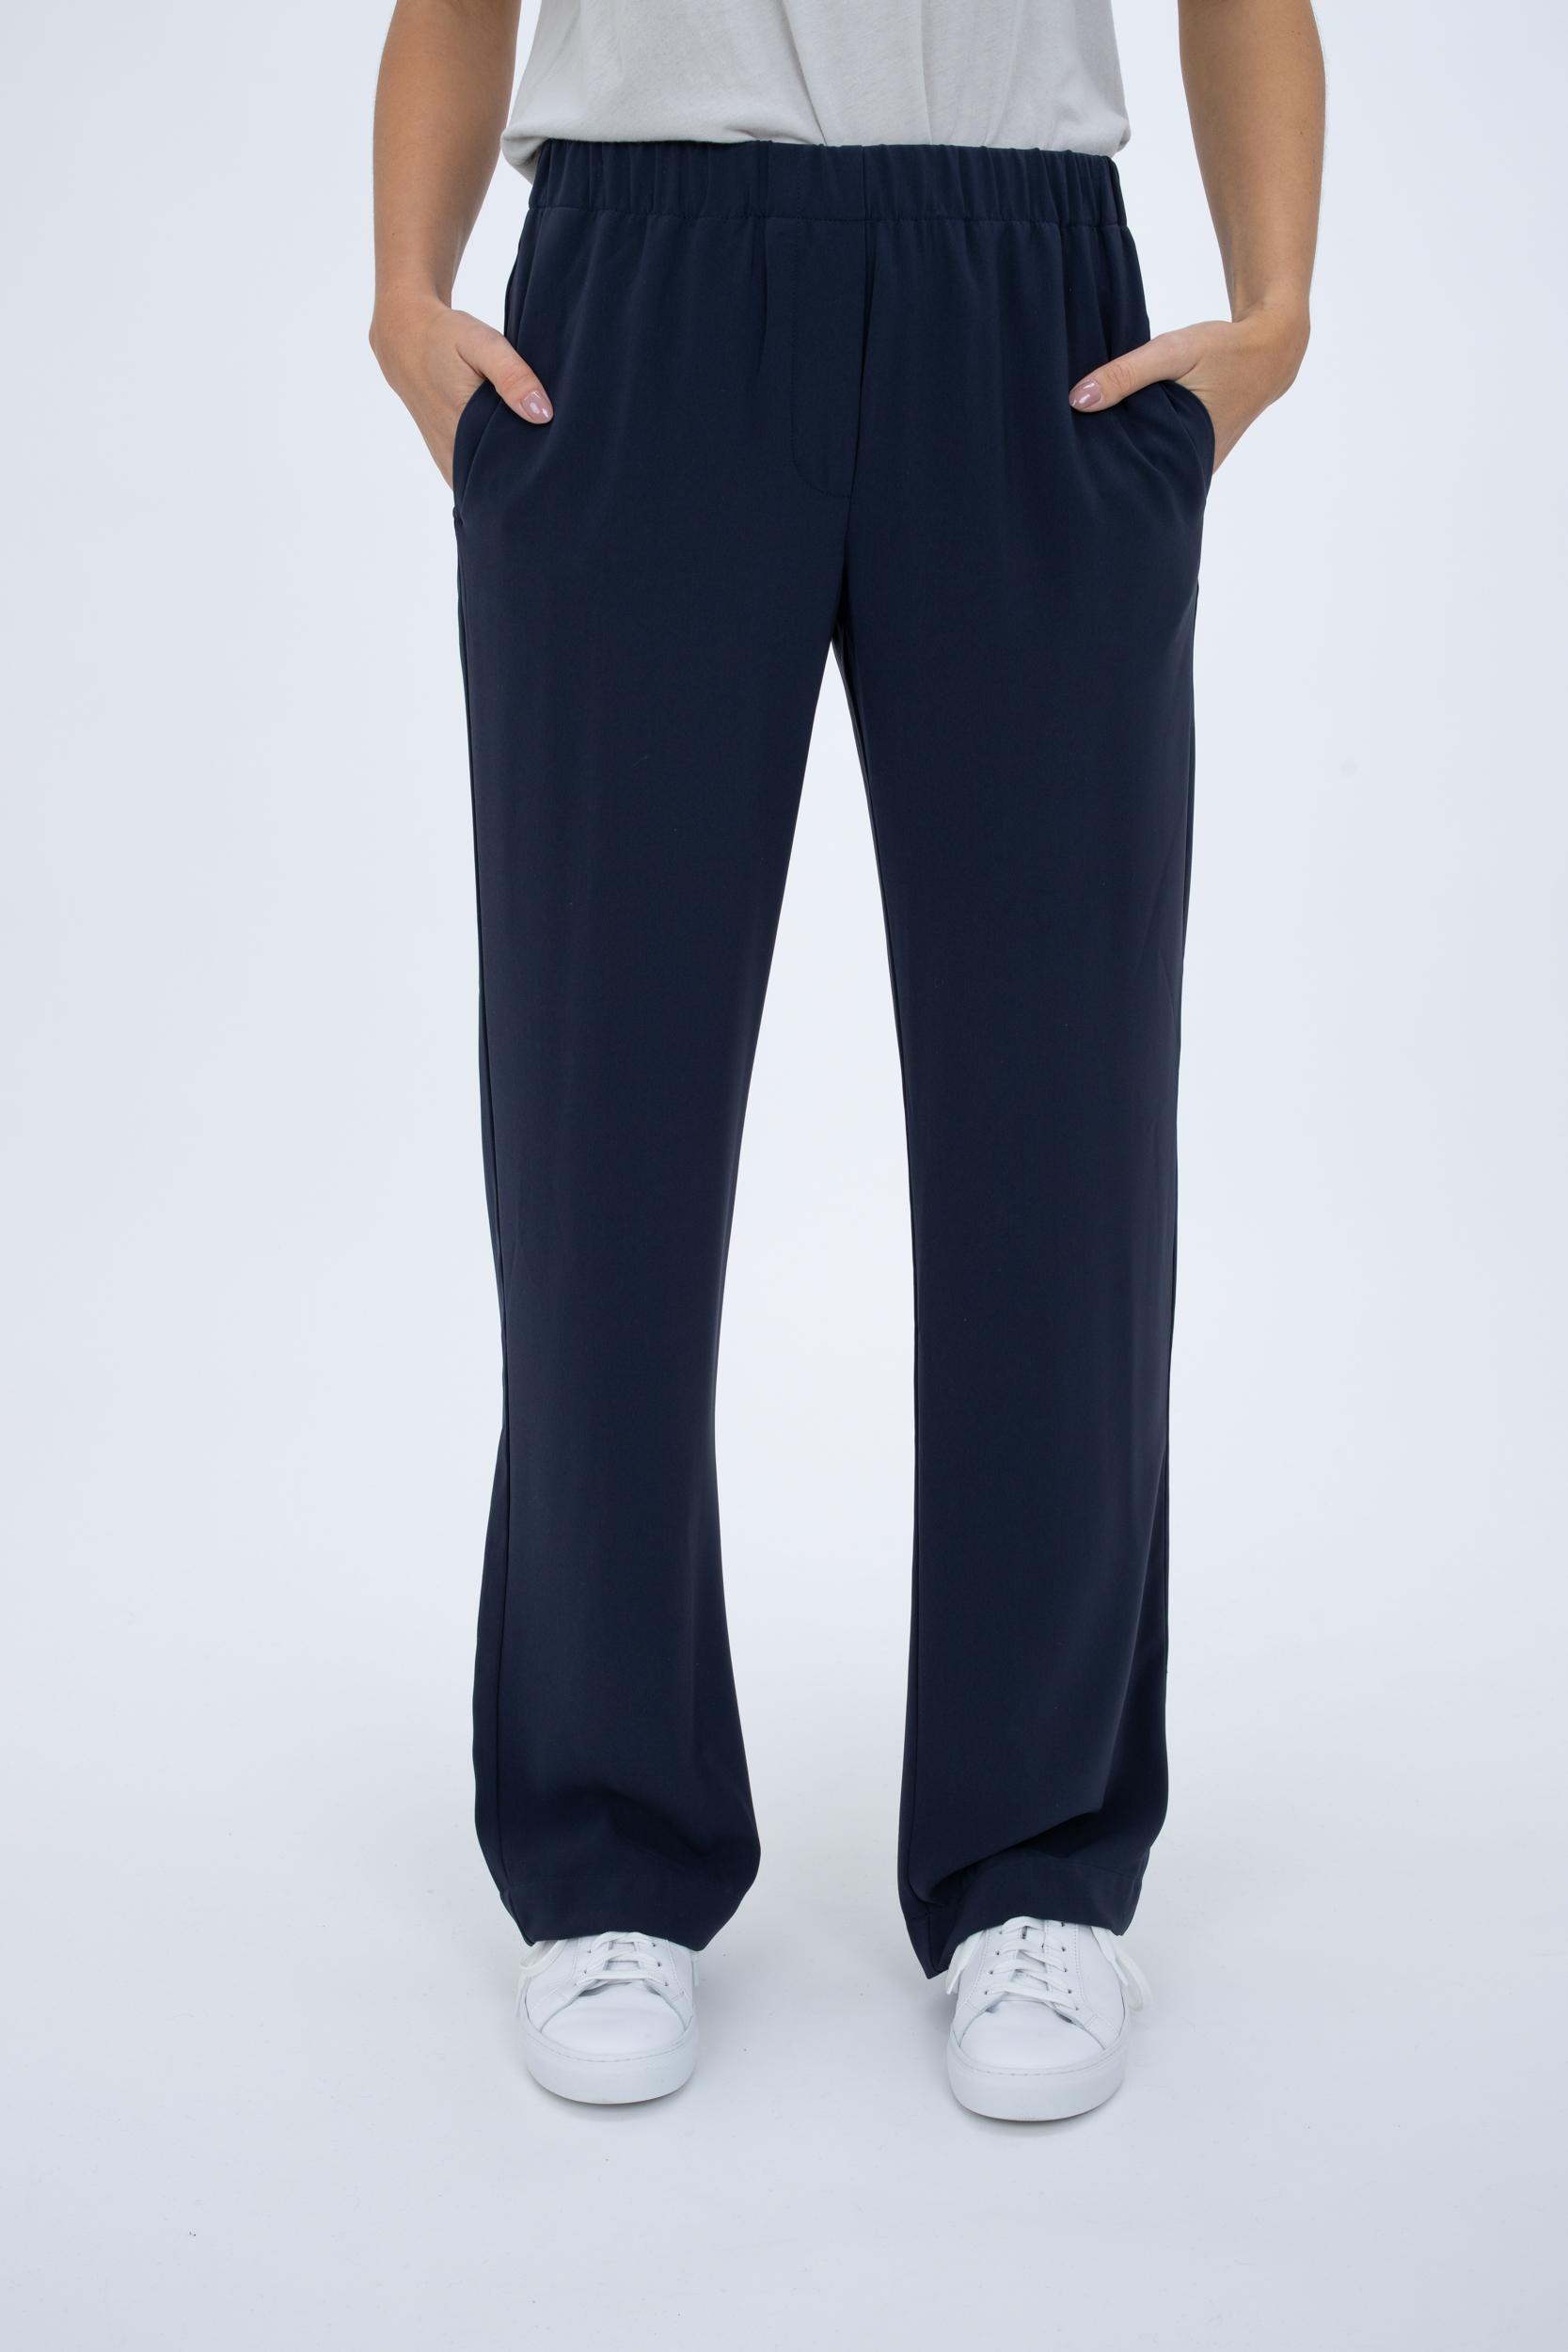 Hose Hoys Straight Pants